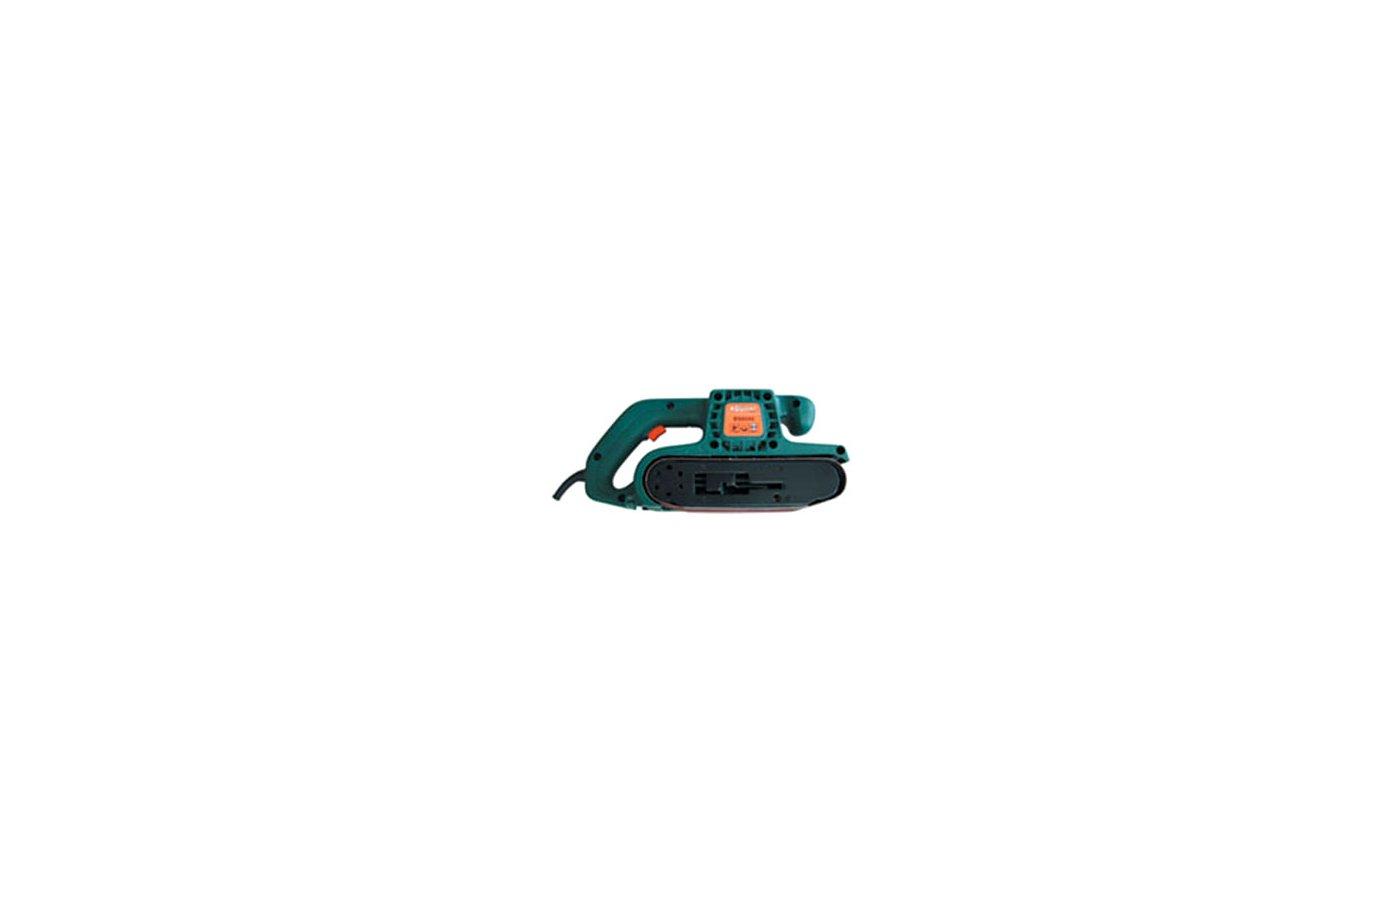 Ленточная шлифовальная машина STURM BS8580